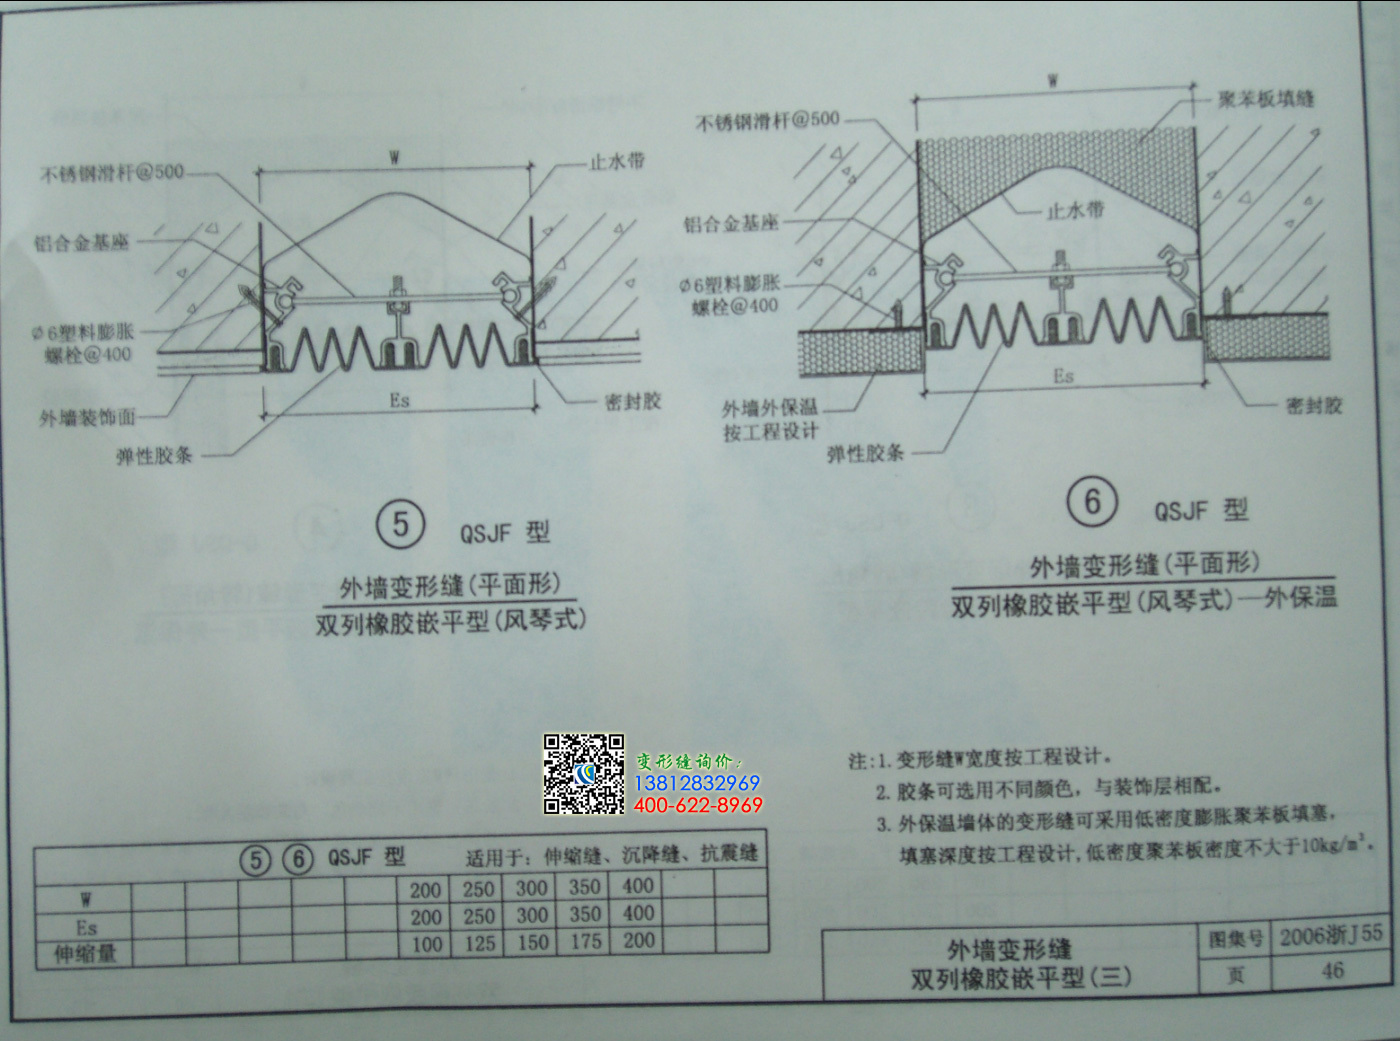 2006浙j55变形缝图集第46页